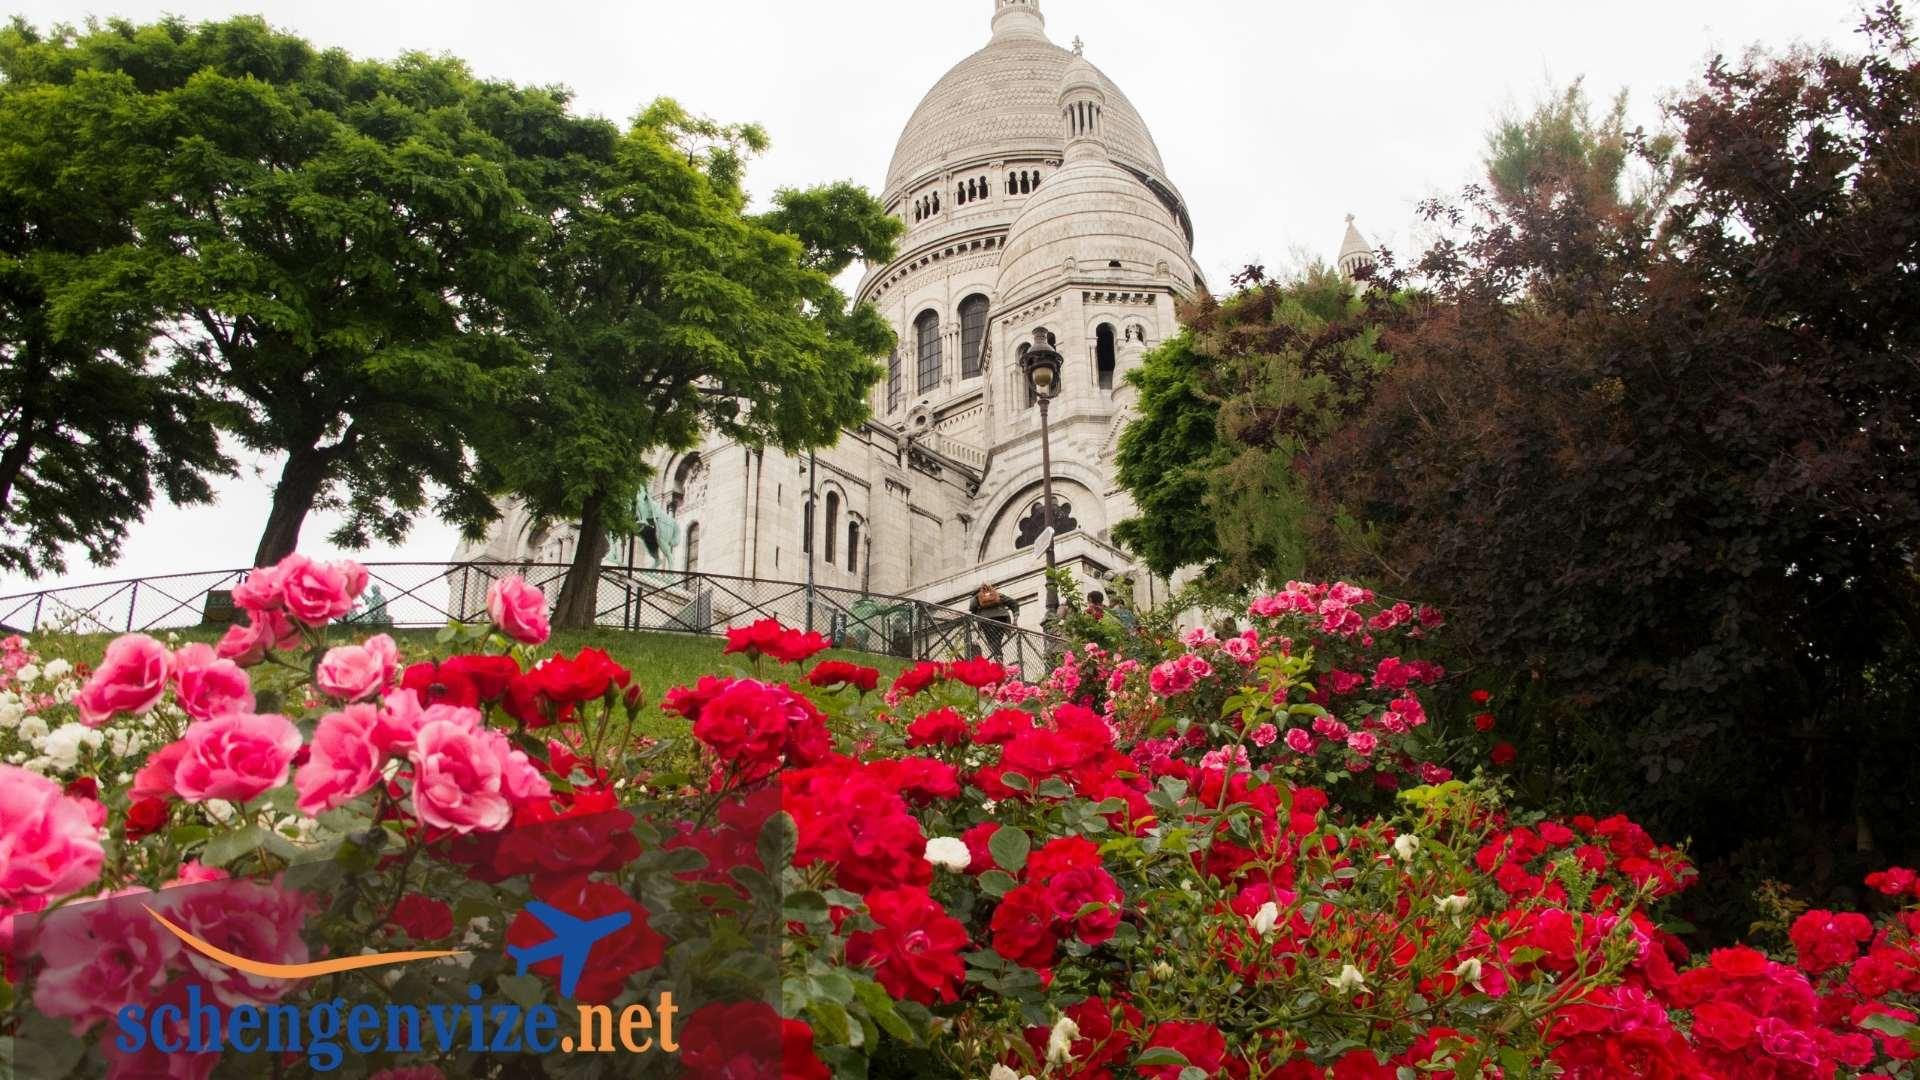 Fransa Aile ve Arkadaş Ziyareti Vizesi Dilekçesi